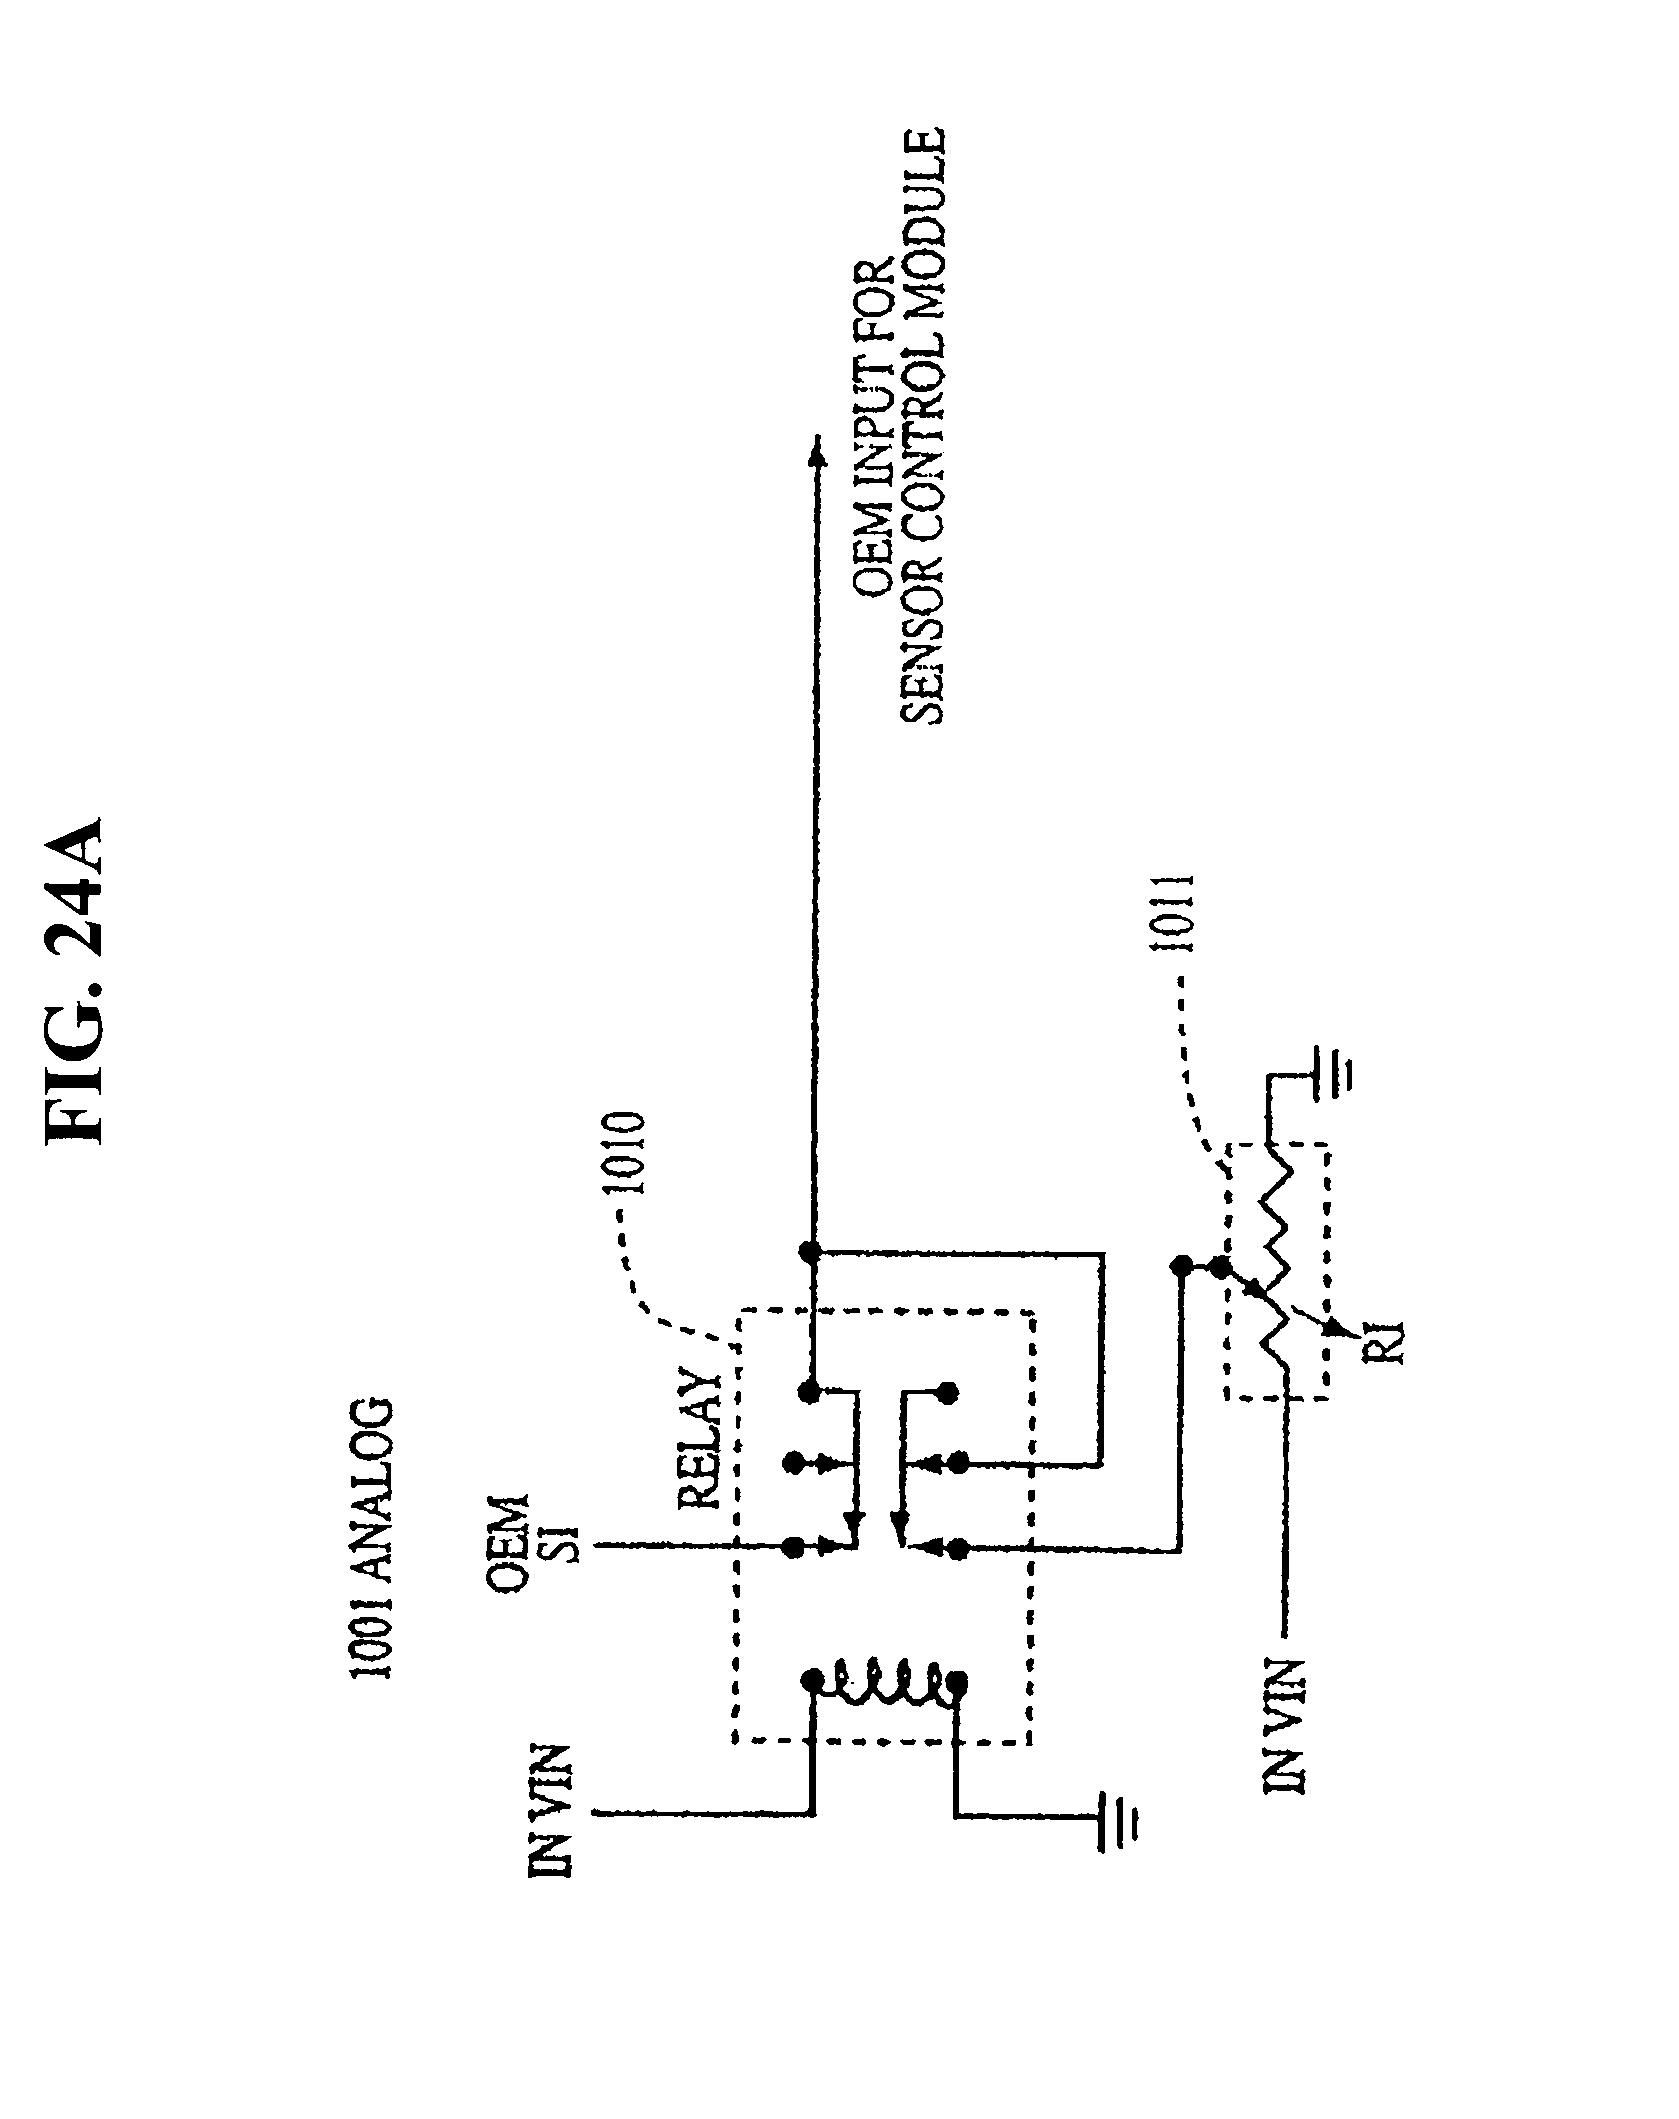 Not Gate Chip | Wiring Diagram Database